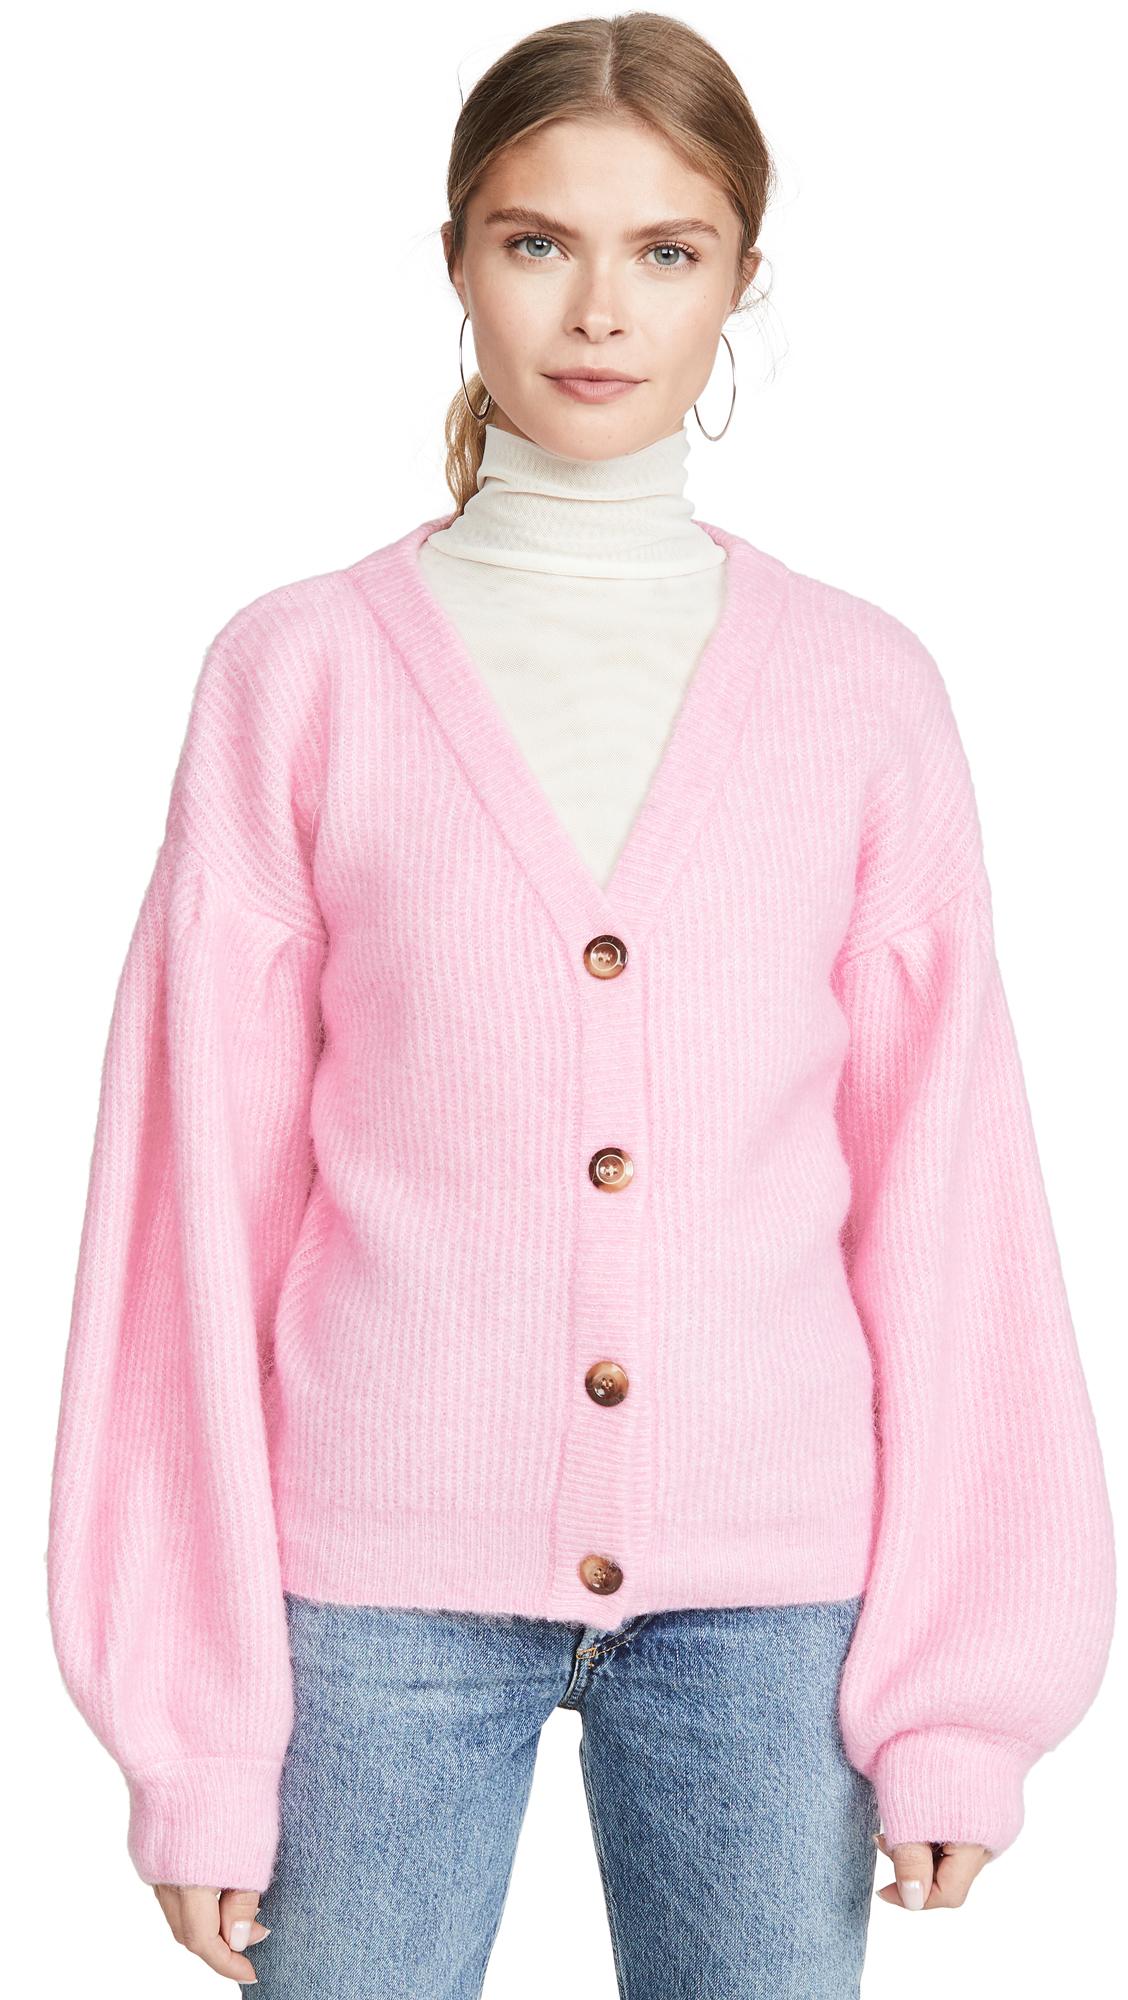 Buy BAUM UND PFERDGARTEN online - photo of BAUM UND PFERDGARTEN Celine Cardigan